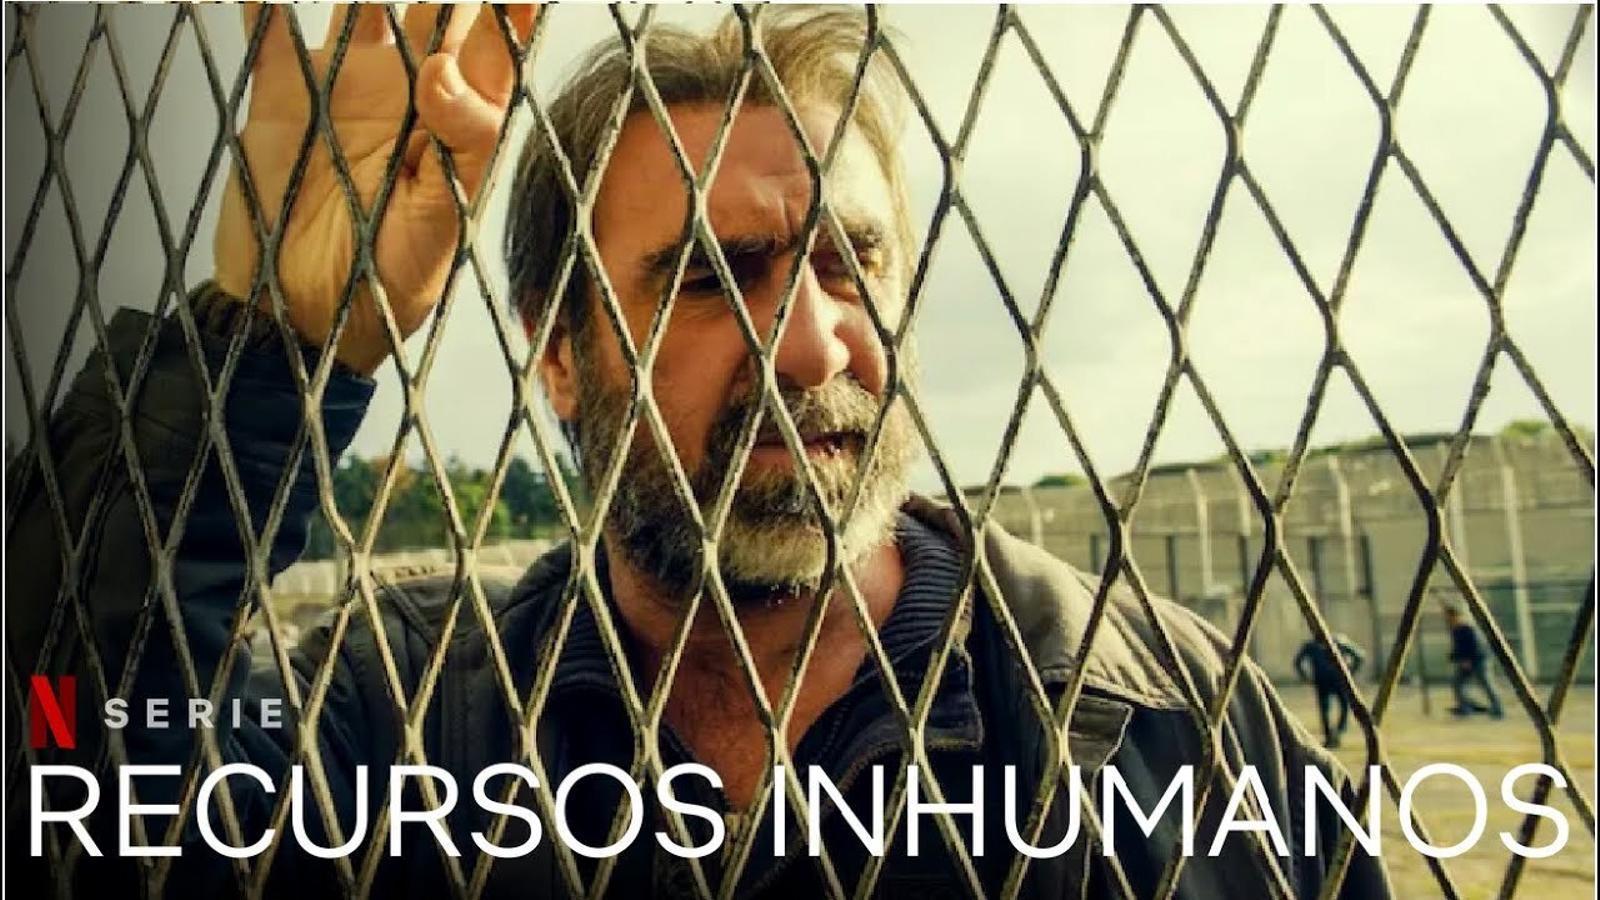 'Recursos inhumanos', tràiler